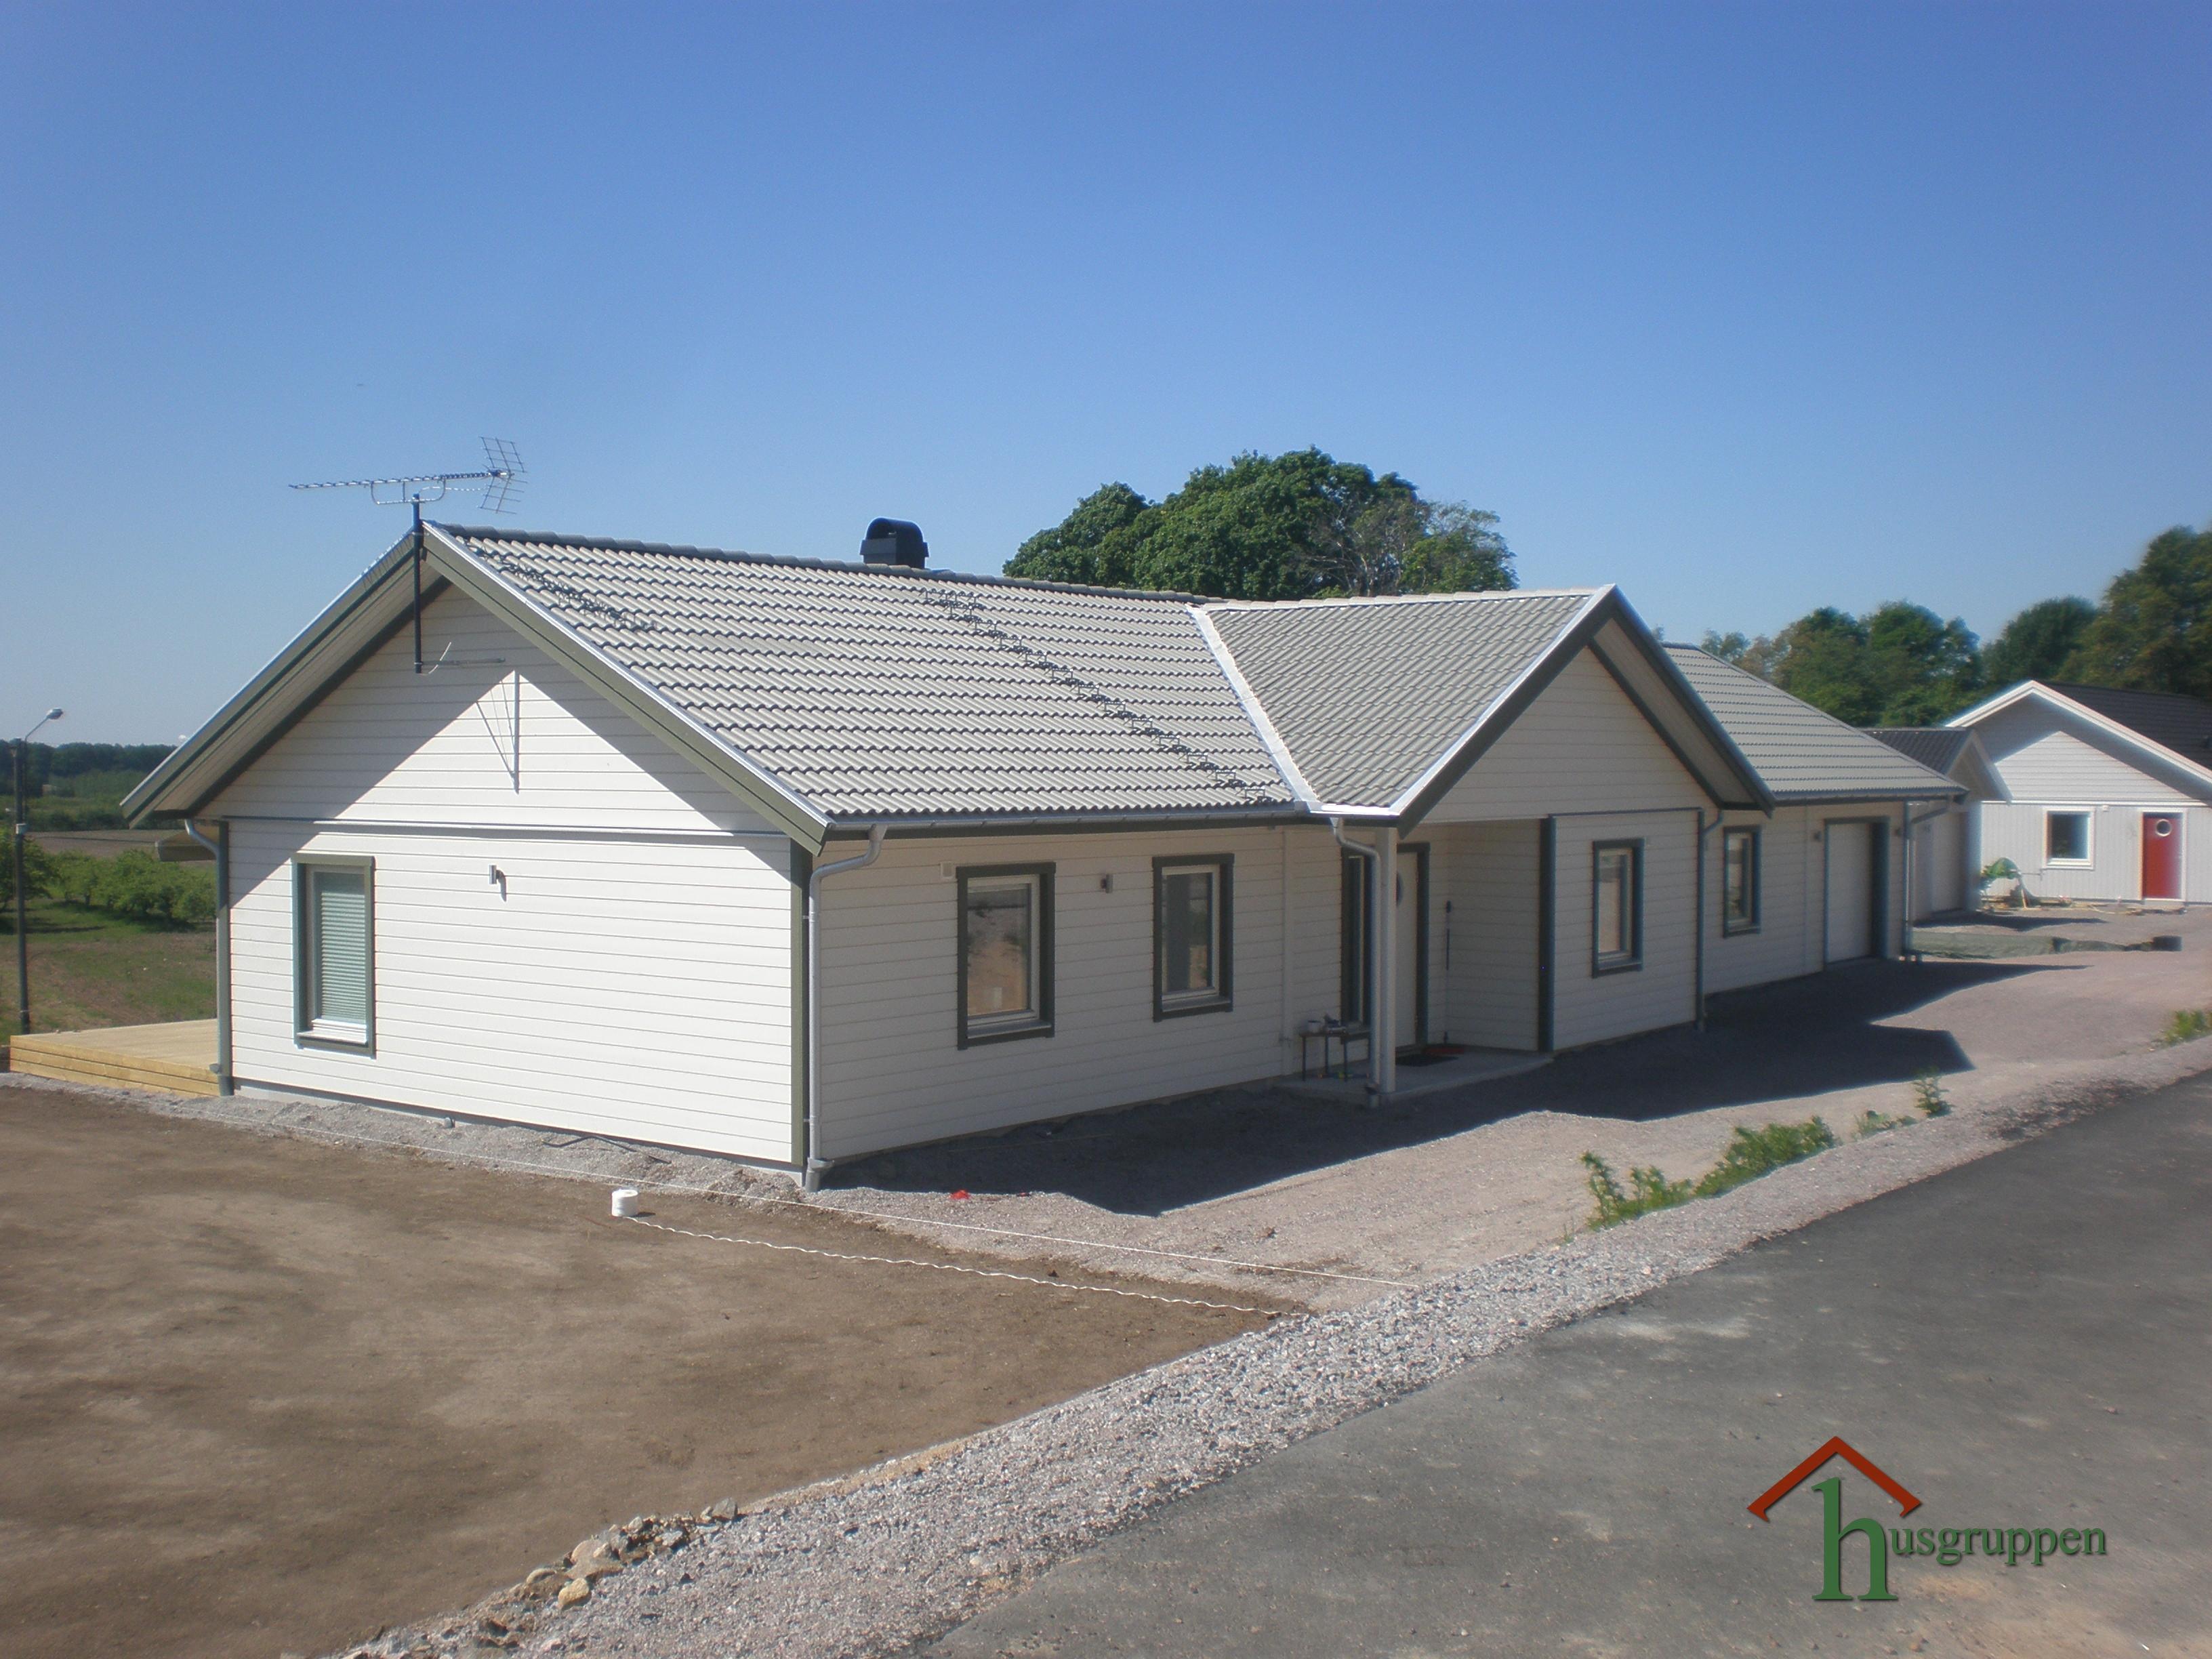 Enplanshus 158,5 m²